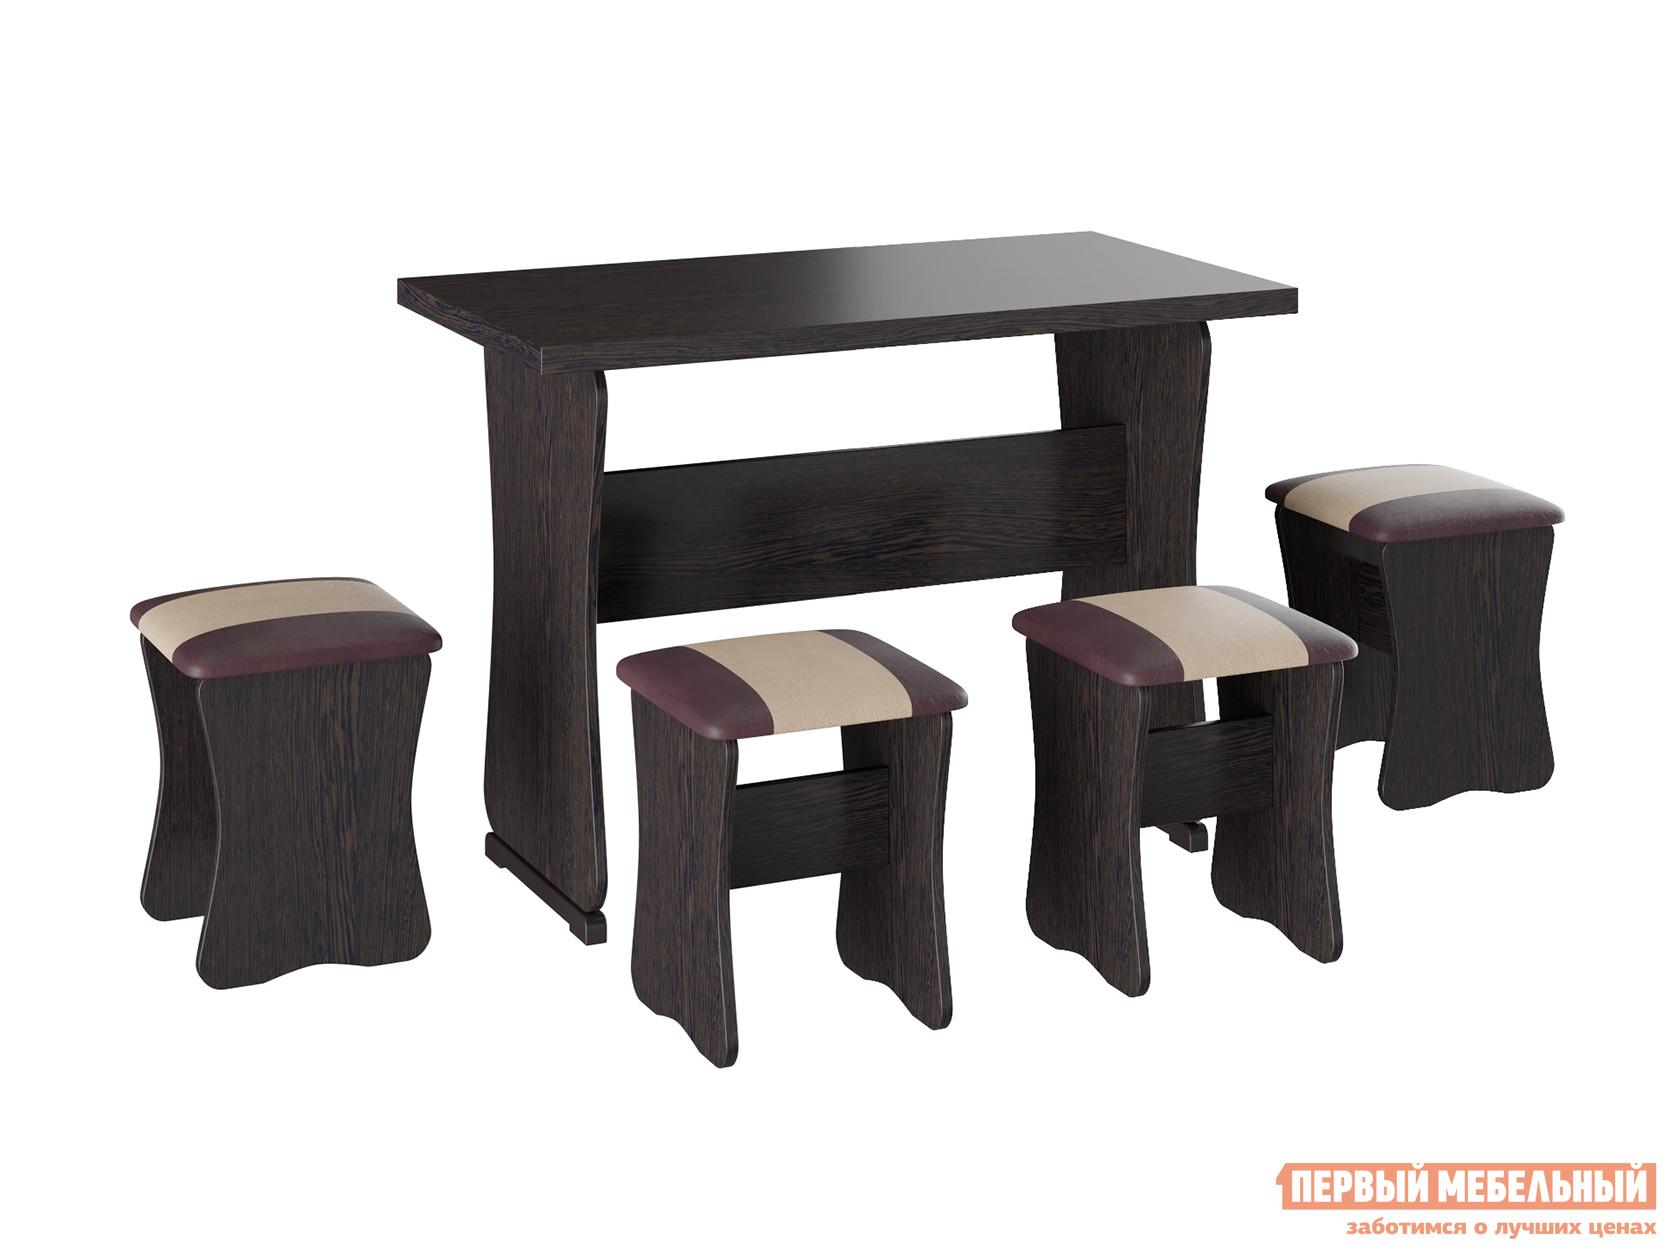 Обеденная группа Первый Мебельный Обеденная группа Рум цена